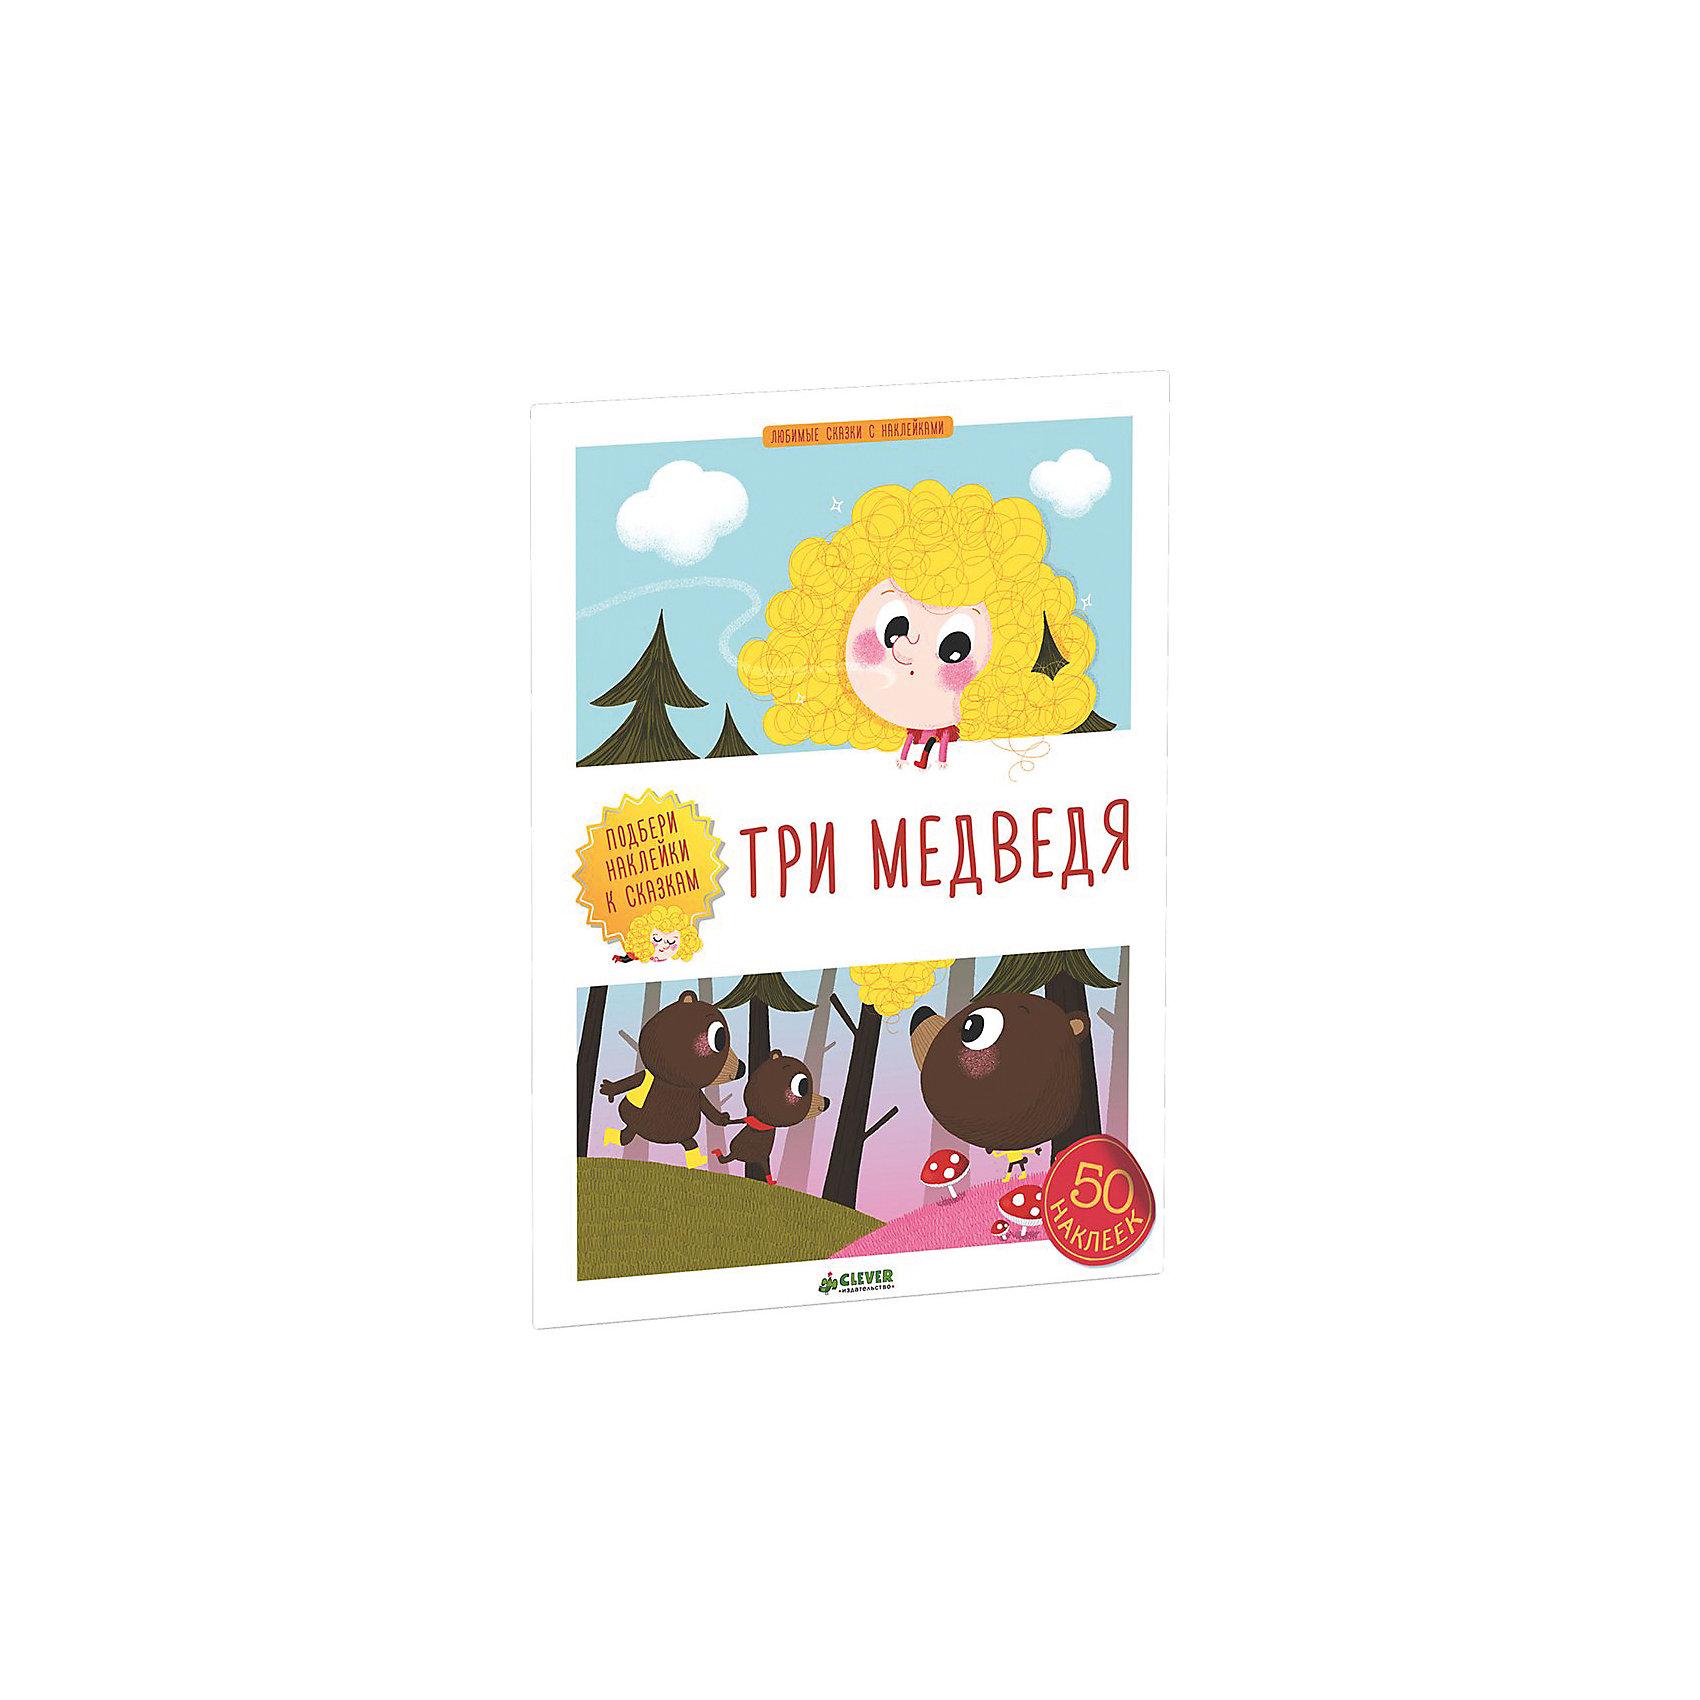 Книга с наклейками Три медведяКнижки с наклейками<br>Книга с наклейками Три медведя – это веселая увлекательная история, яркие смешные иллюстрации и красочные наклейки.<br>Книга с наклейками Три медведя – это яркая и веселая сказка с заданиями про Златовласку и трех медведей. Эту книгу можно не только читать, но и использовать как развивающую игру. Выделенные слова в тексте подскажут вам логические акценты: проговаривайте четко слова, изображая эмоции и действия; просите ребенка показывать мимикой и жестами, услышанное во время прочтения; выделяйте главное, обращая внимания на фразы в тексте на каждой страничке. А также развивайте у ребенка мелкую моторику, выполняя задания с наклейками. Малыш самостоятельно будет размещать персонажей и тематические предметы, наклеивая наклейки на белый силуэт. С этой книгой вы не только разовьете эмоциональный интеллект ребенка, но и обогатите его социально-коммуникативную и эмоциональную сферы.<br><br>Дополнительная информация:<br><br>- Автор: Лебрюн Сандра<br>- Художник: Шарлотт Амелин<br>- Переводчик: Торчинская Мария<br>- Редактор: Нилова Татьяна<br>- Издательство: Клевер Медиа Групп, 2016 г.<br>- Серия: Любимые сказки с наклейками<br>- Тип обложки: мягкий переплет (крепление скрепкой или клеем)<br>- Оформление: с наклейками<br>- Иллюстрации: цветные<br>- Количество страниц: 24 (мелованная)<br>- Количество наклеек: 50<br>- Размер: 280x210x4 мм.<br>- Вес: 186 гр.<br><br>Книгу с наклейками Три медведя можно купить в нашем интернет-магазине.<br><br>Ширина мм: 280<br>Глубина мм: 210<br>Высота мм: 8<br>Вес г: 184<br>Возраст от месяцев: 84<br>Возраст до месяцев: 132<br>Пол: Унисекс<br>Возраст: Детский<br>SKU: 4621982